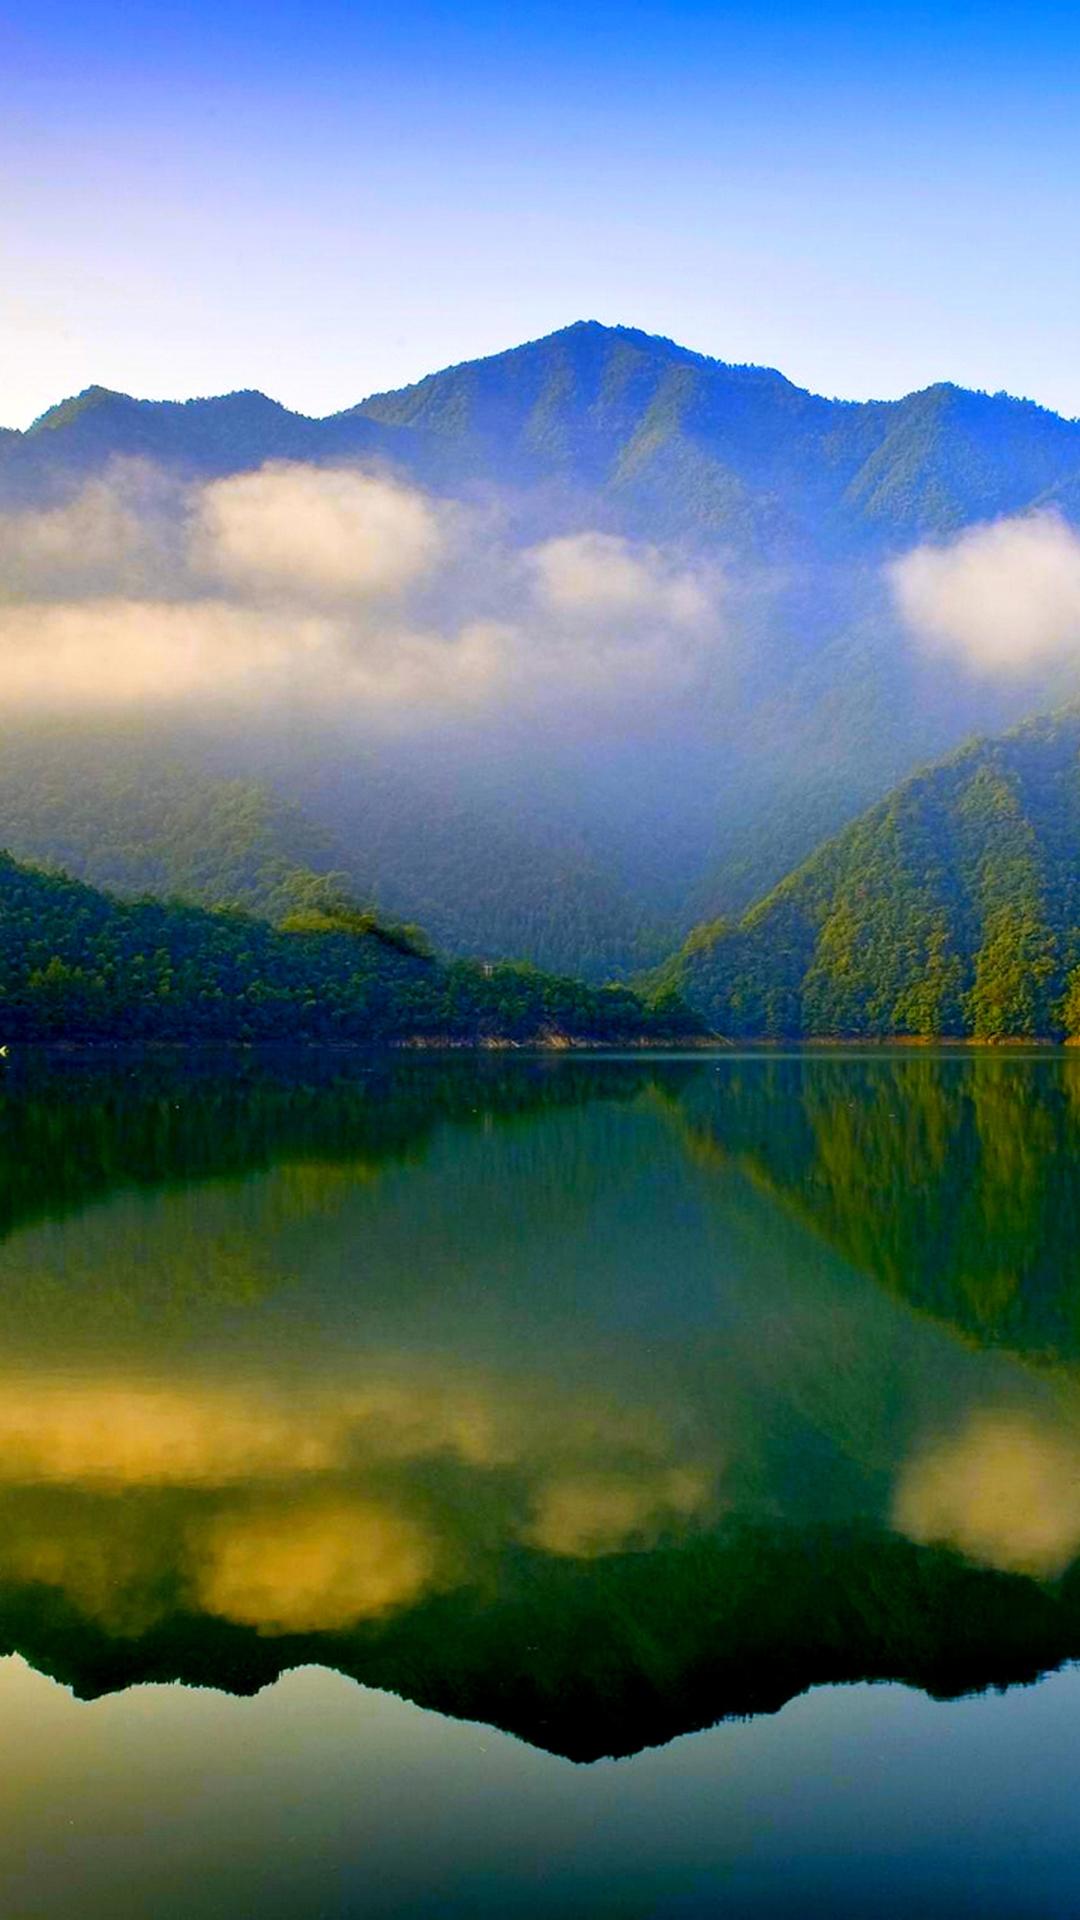 风景 山水 蓝天白云 湖水 苹果手机高清壁纸 1080x1920 爱思助手图片